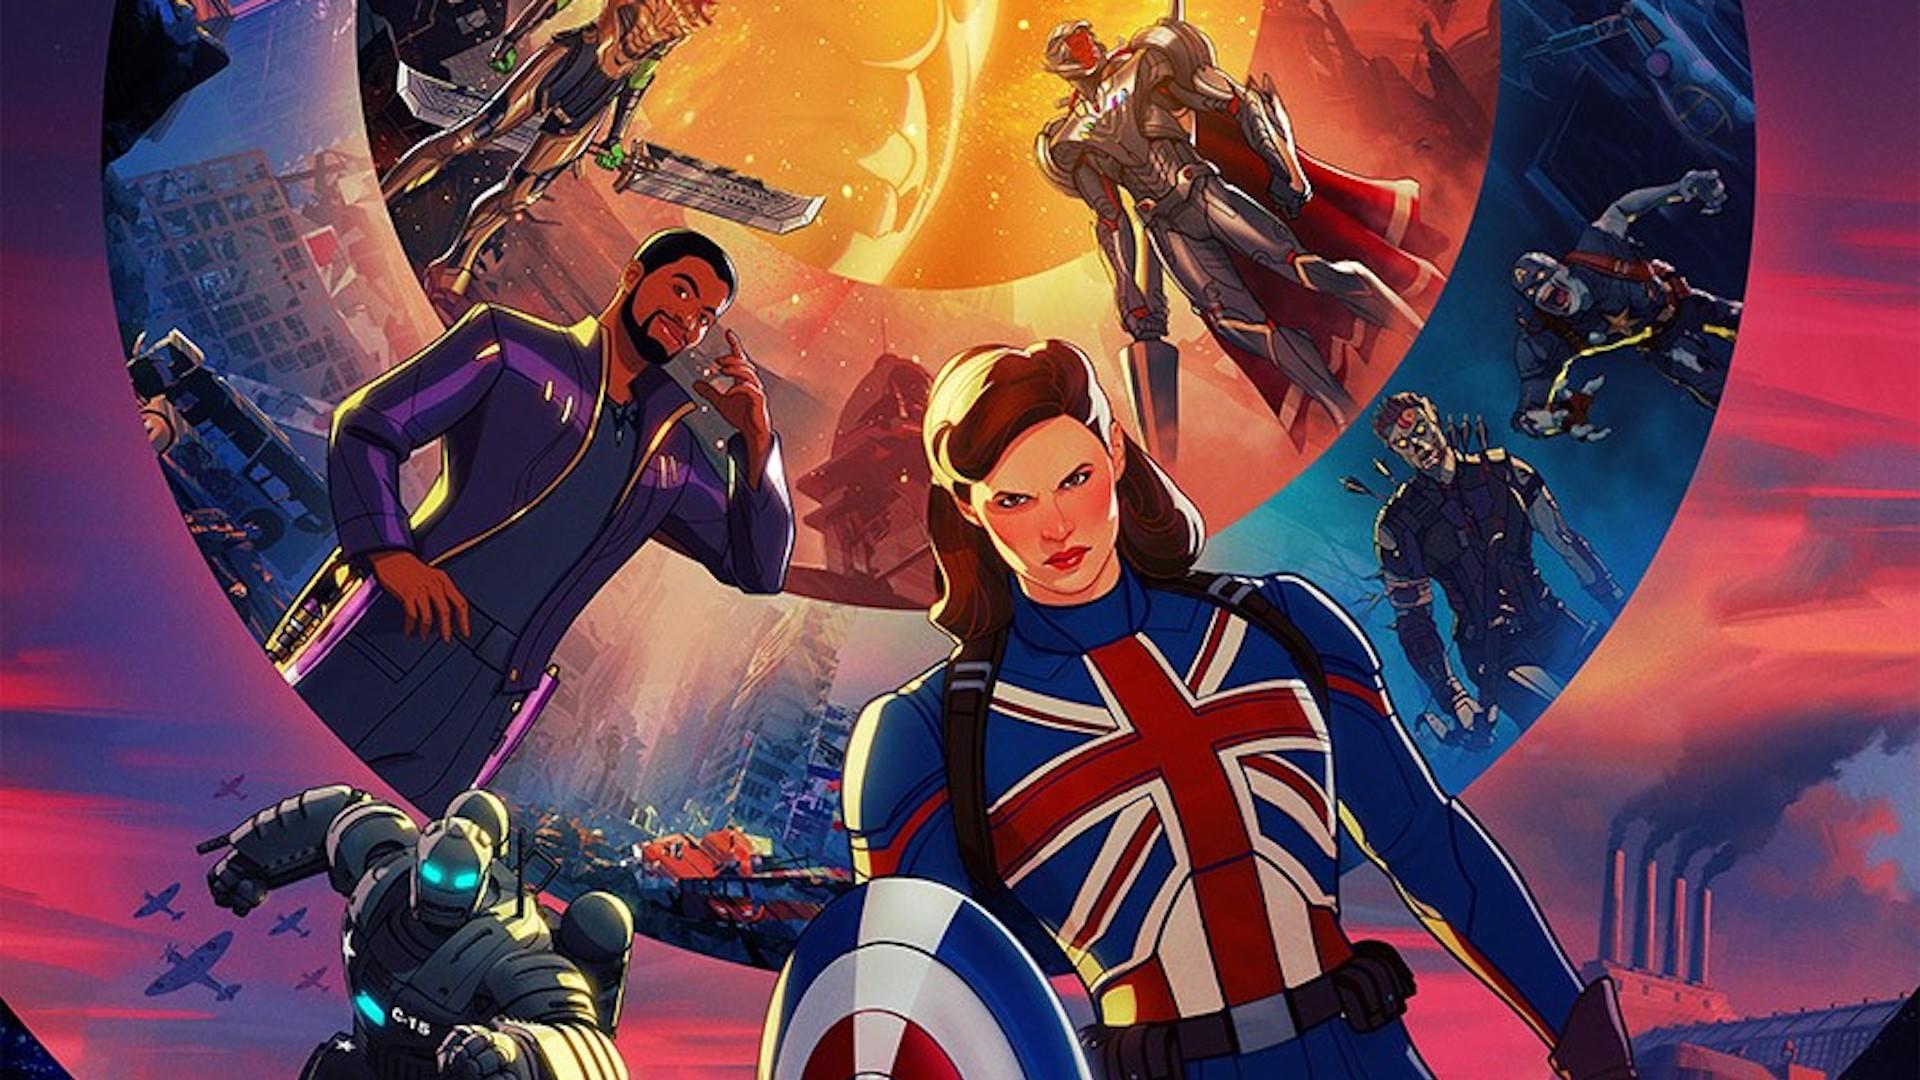 La nueva serie de Marvel en Disney Plus es What If: fecha de estreno